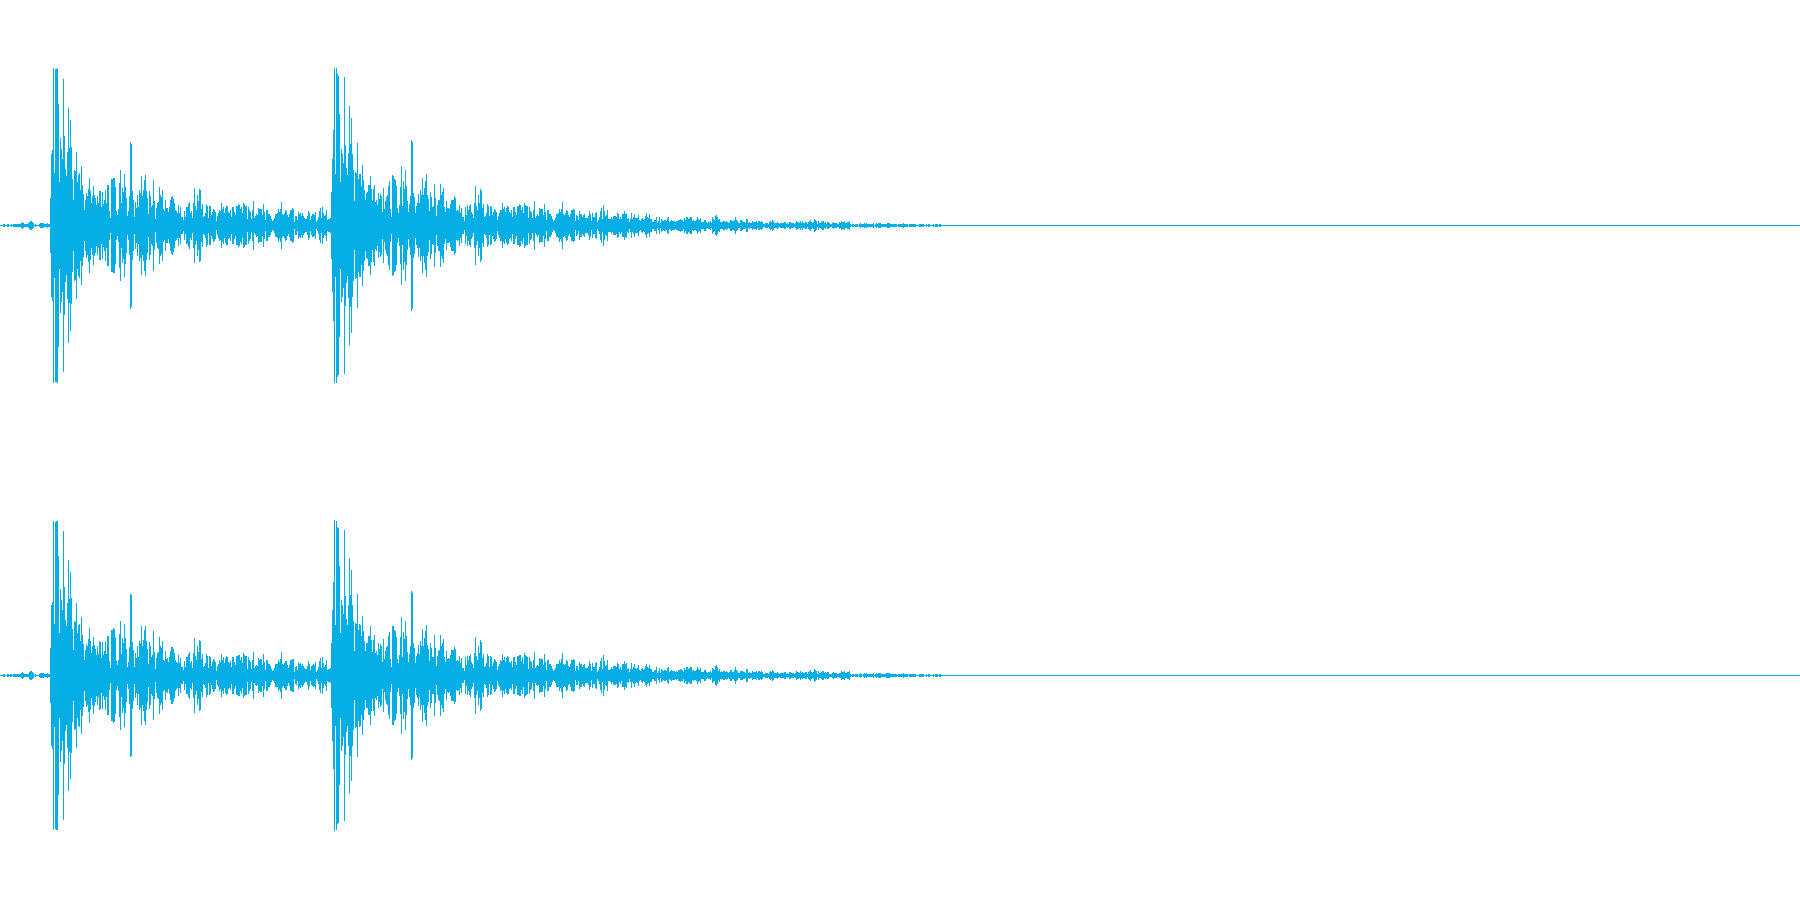 ドアを叩く音(若干強め)の再生済みの波形